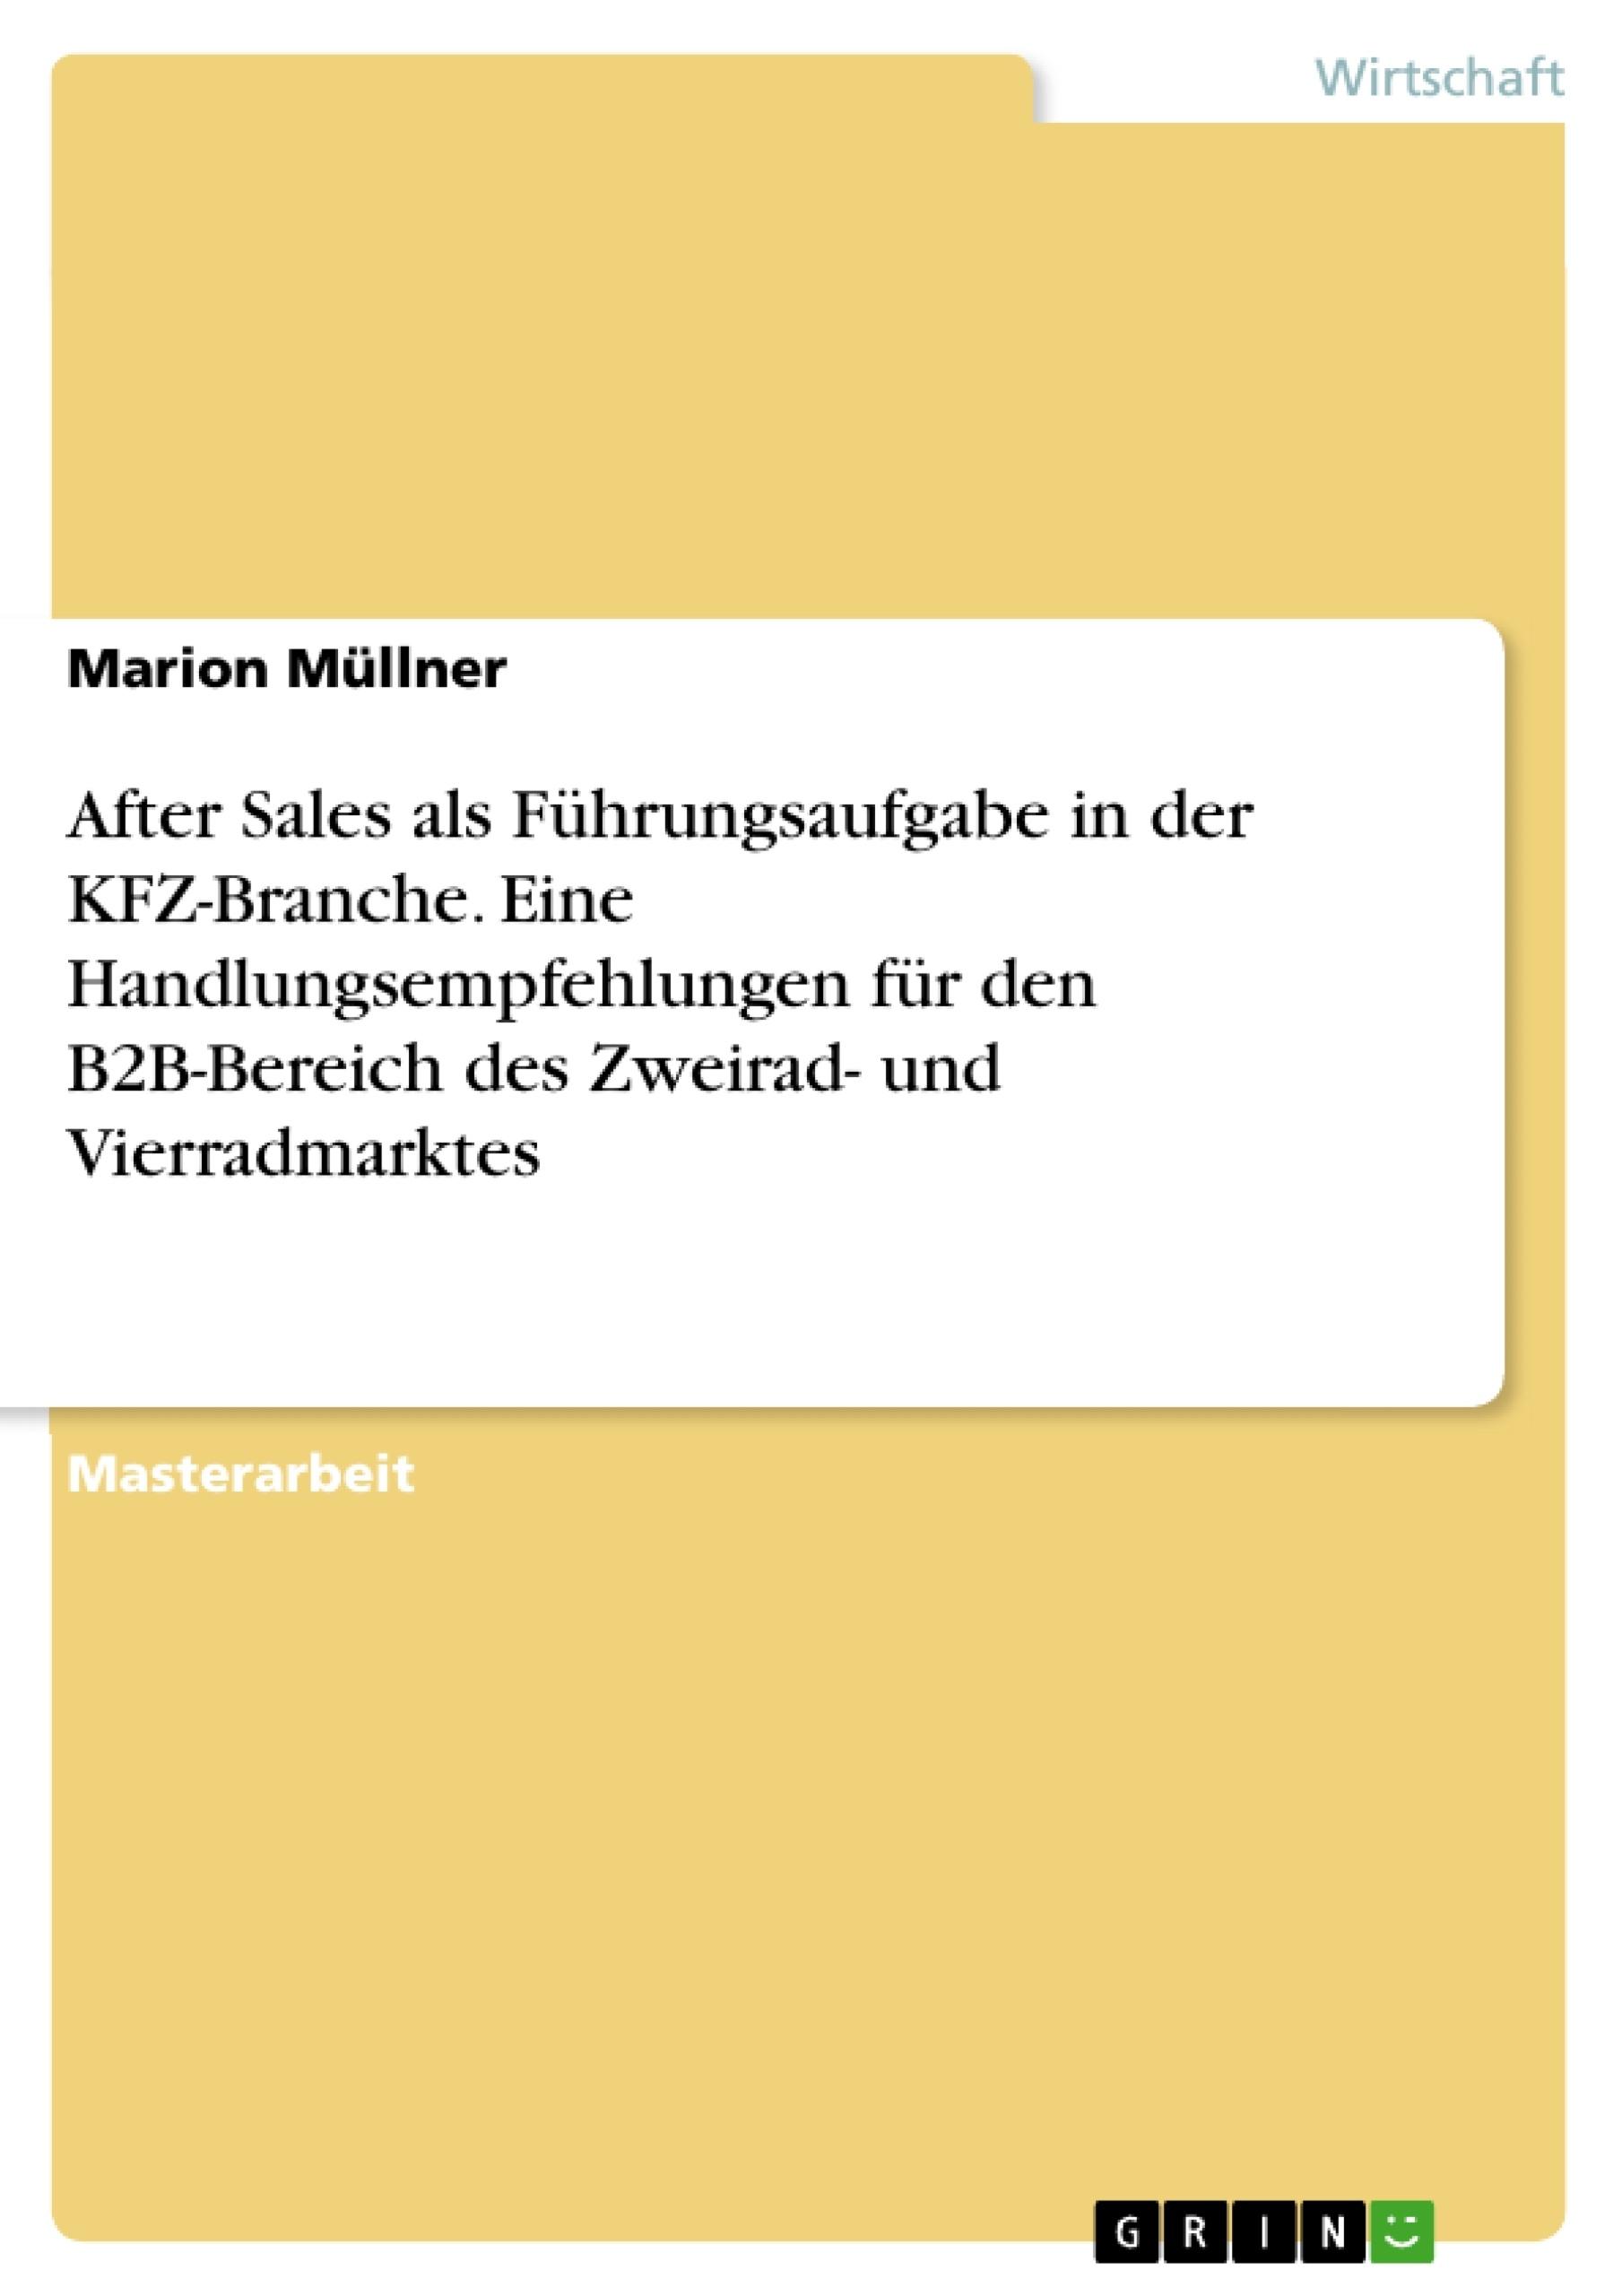 Titel: After Sales als Führungsaufgabe in der KFZ-Branche. Eine Handlungsempfehlungen für den B2B-Bereich des Zweirad- und Vierradmarktes